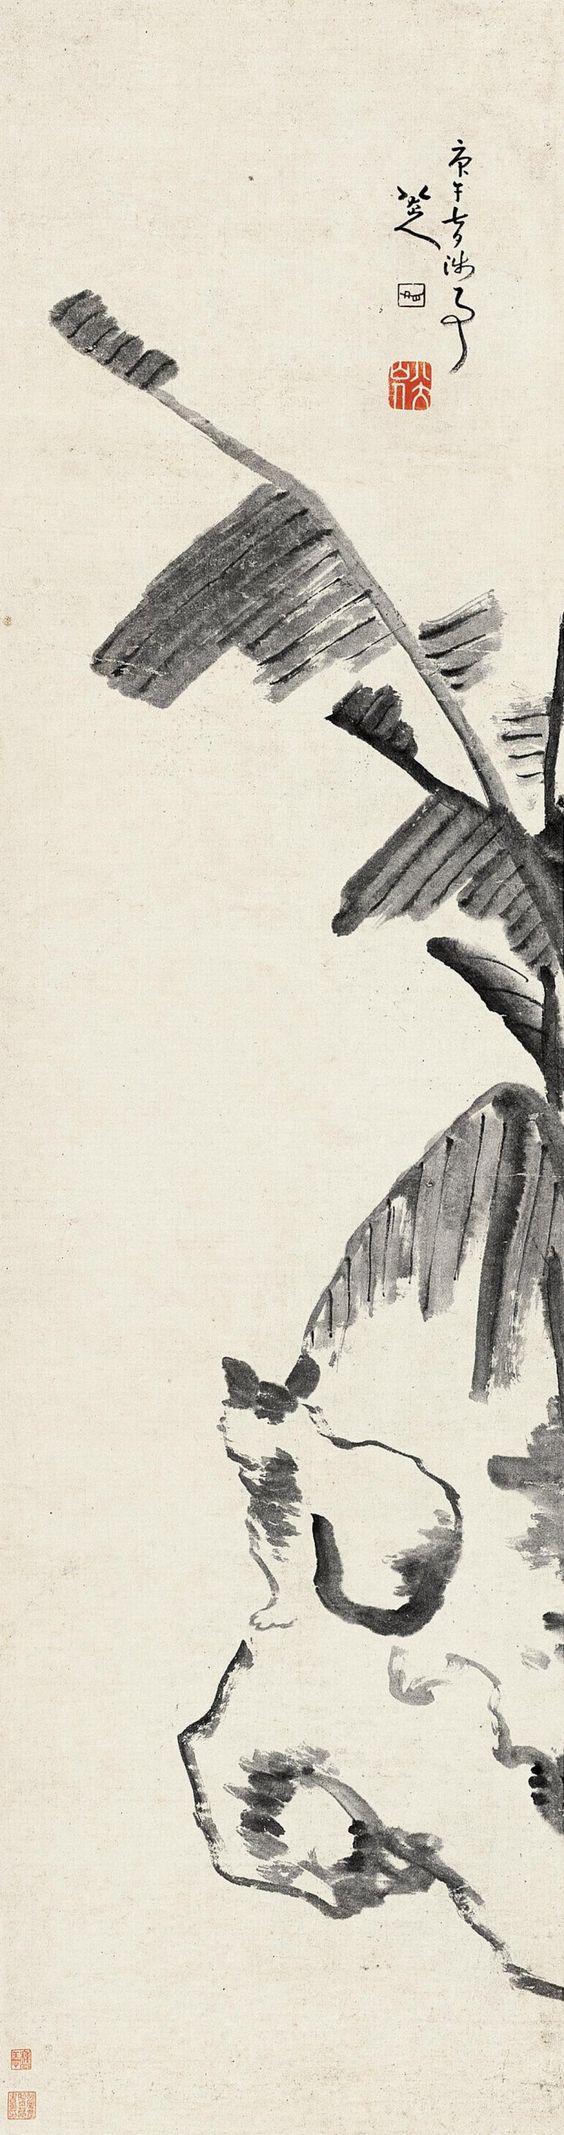 朱耷(1626-1705):